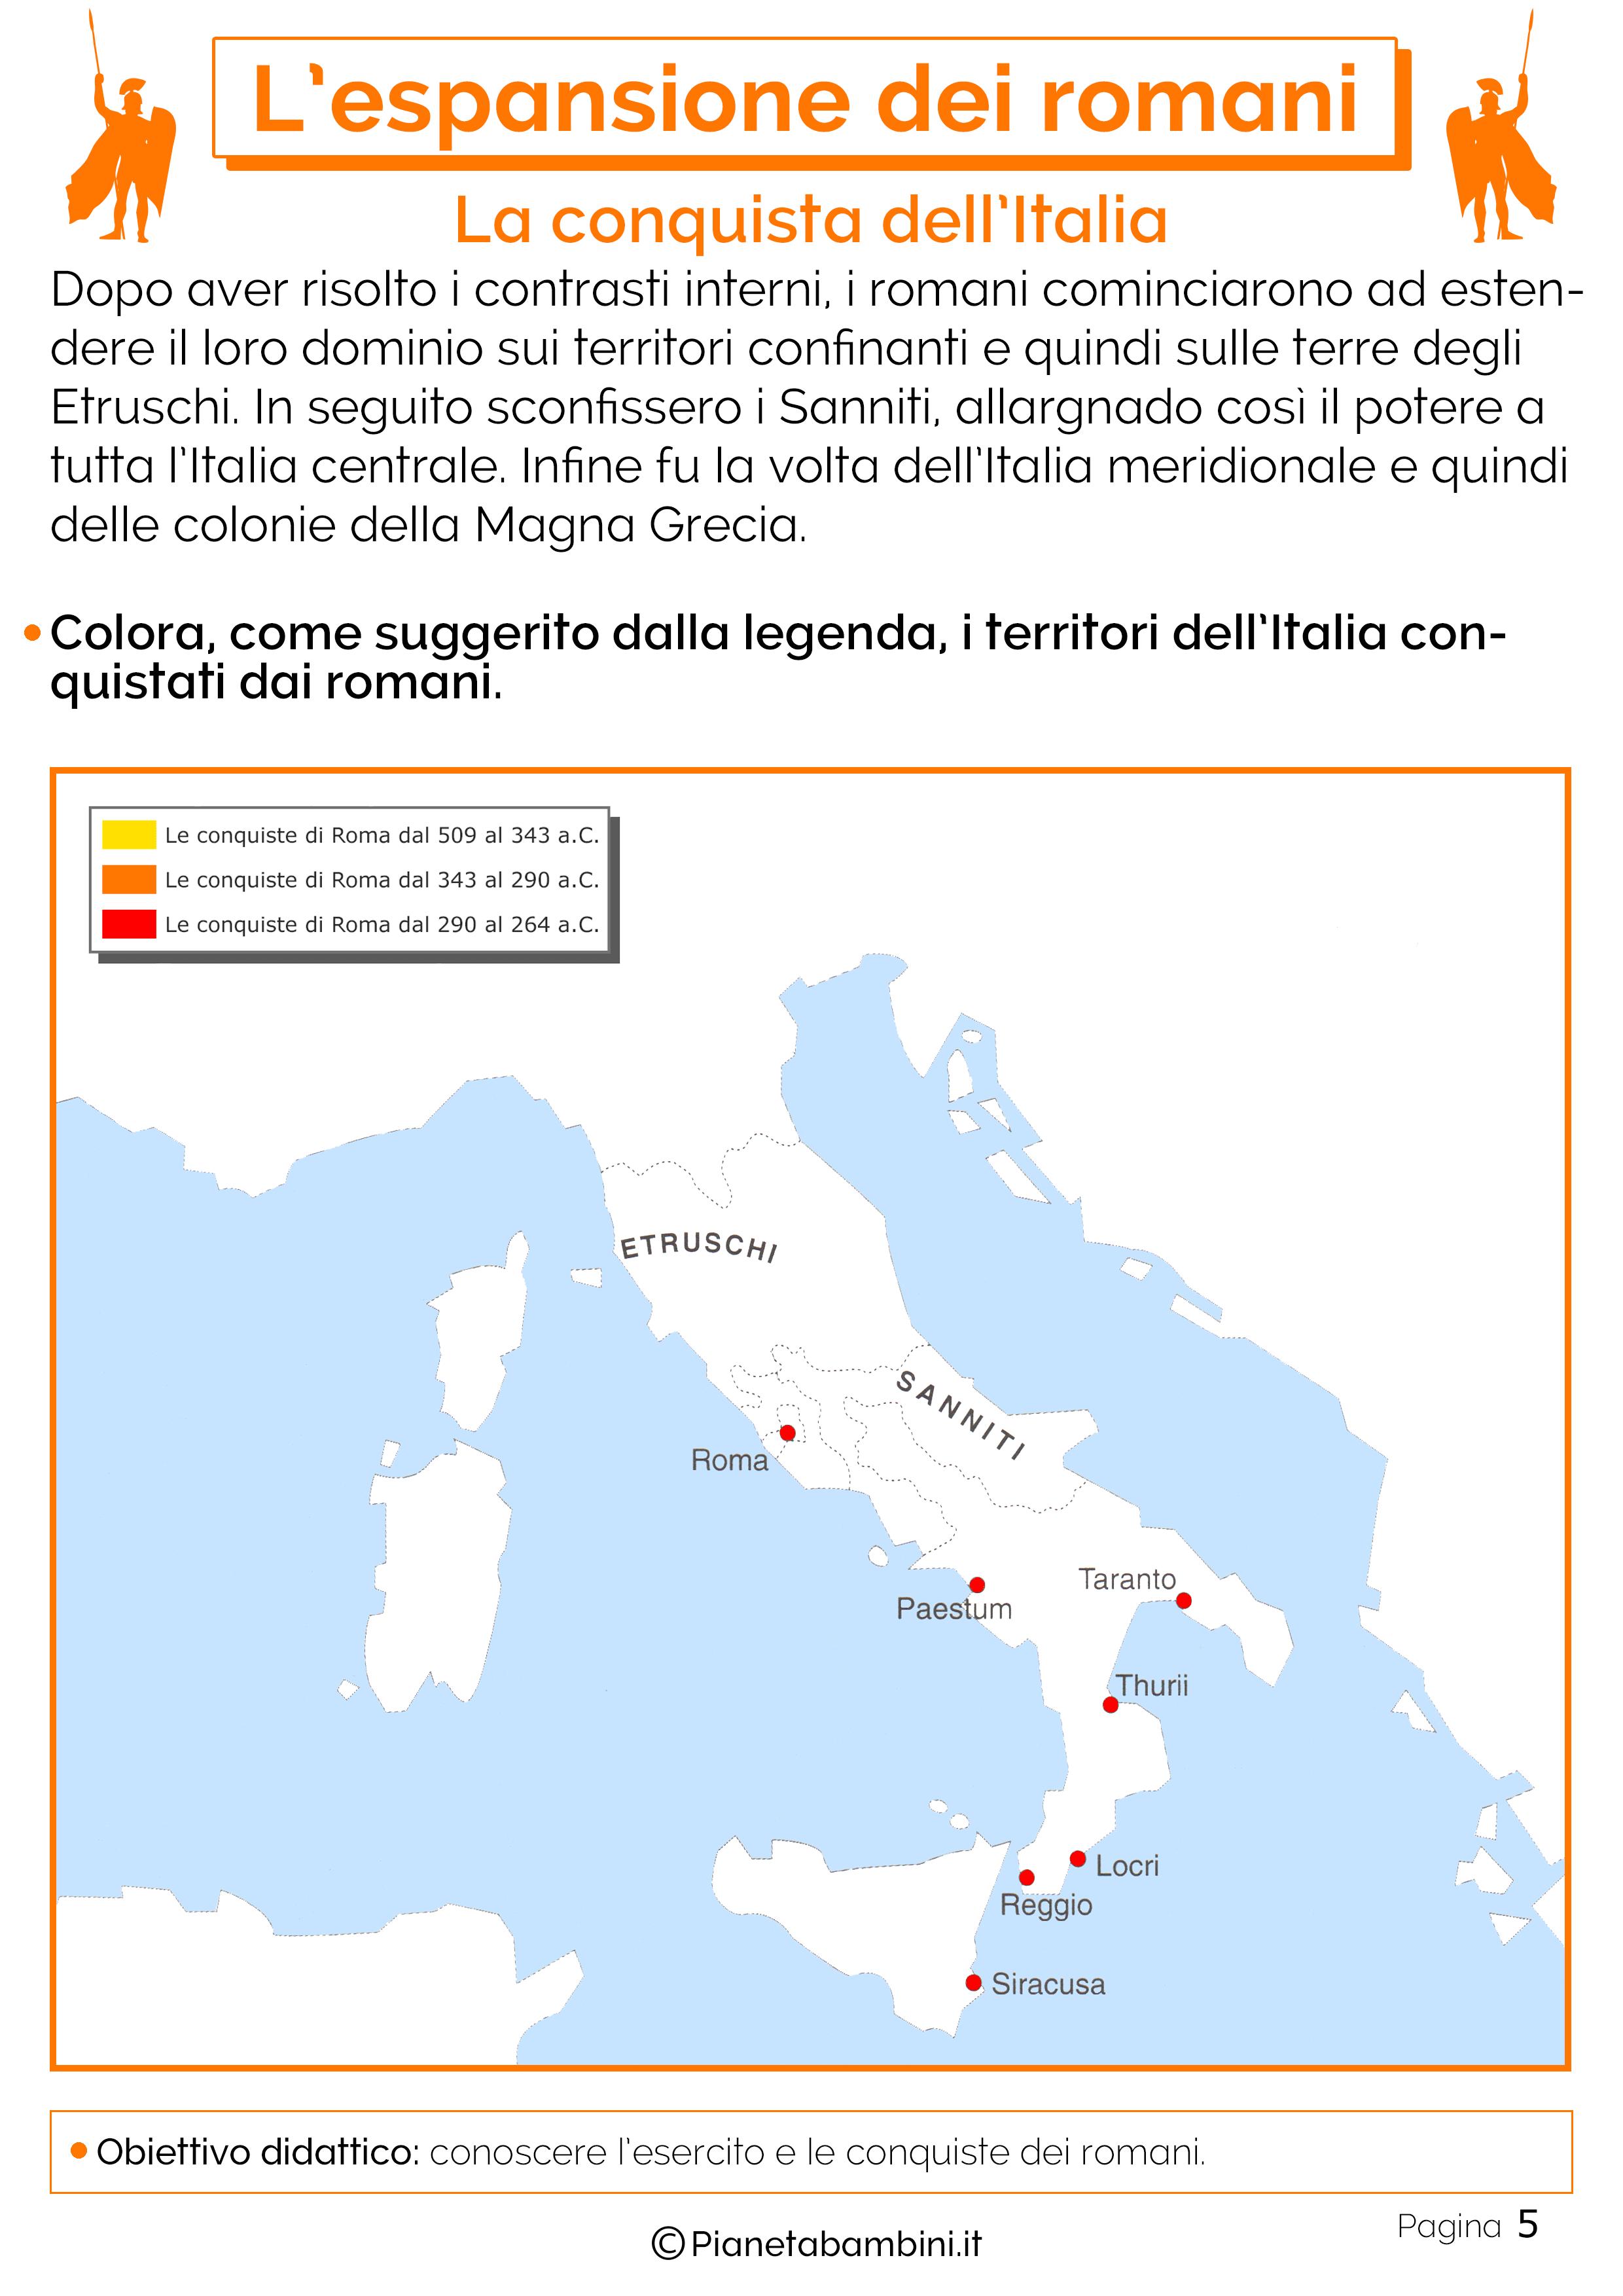 La conquista dell'Italia